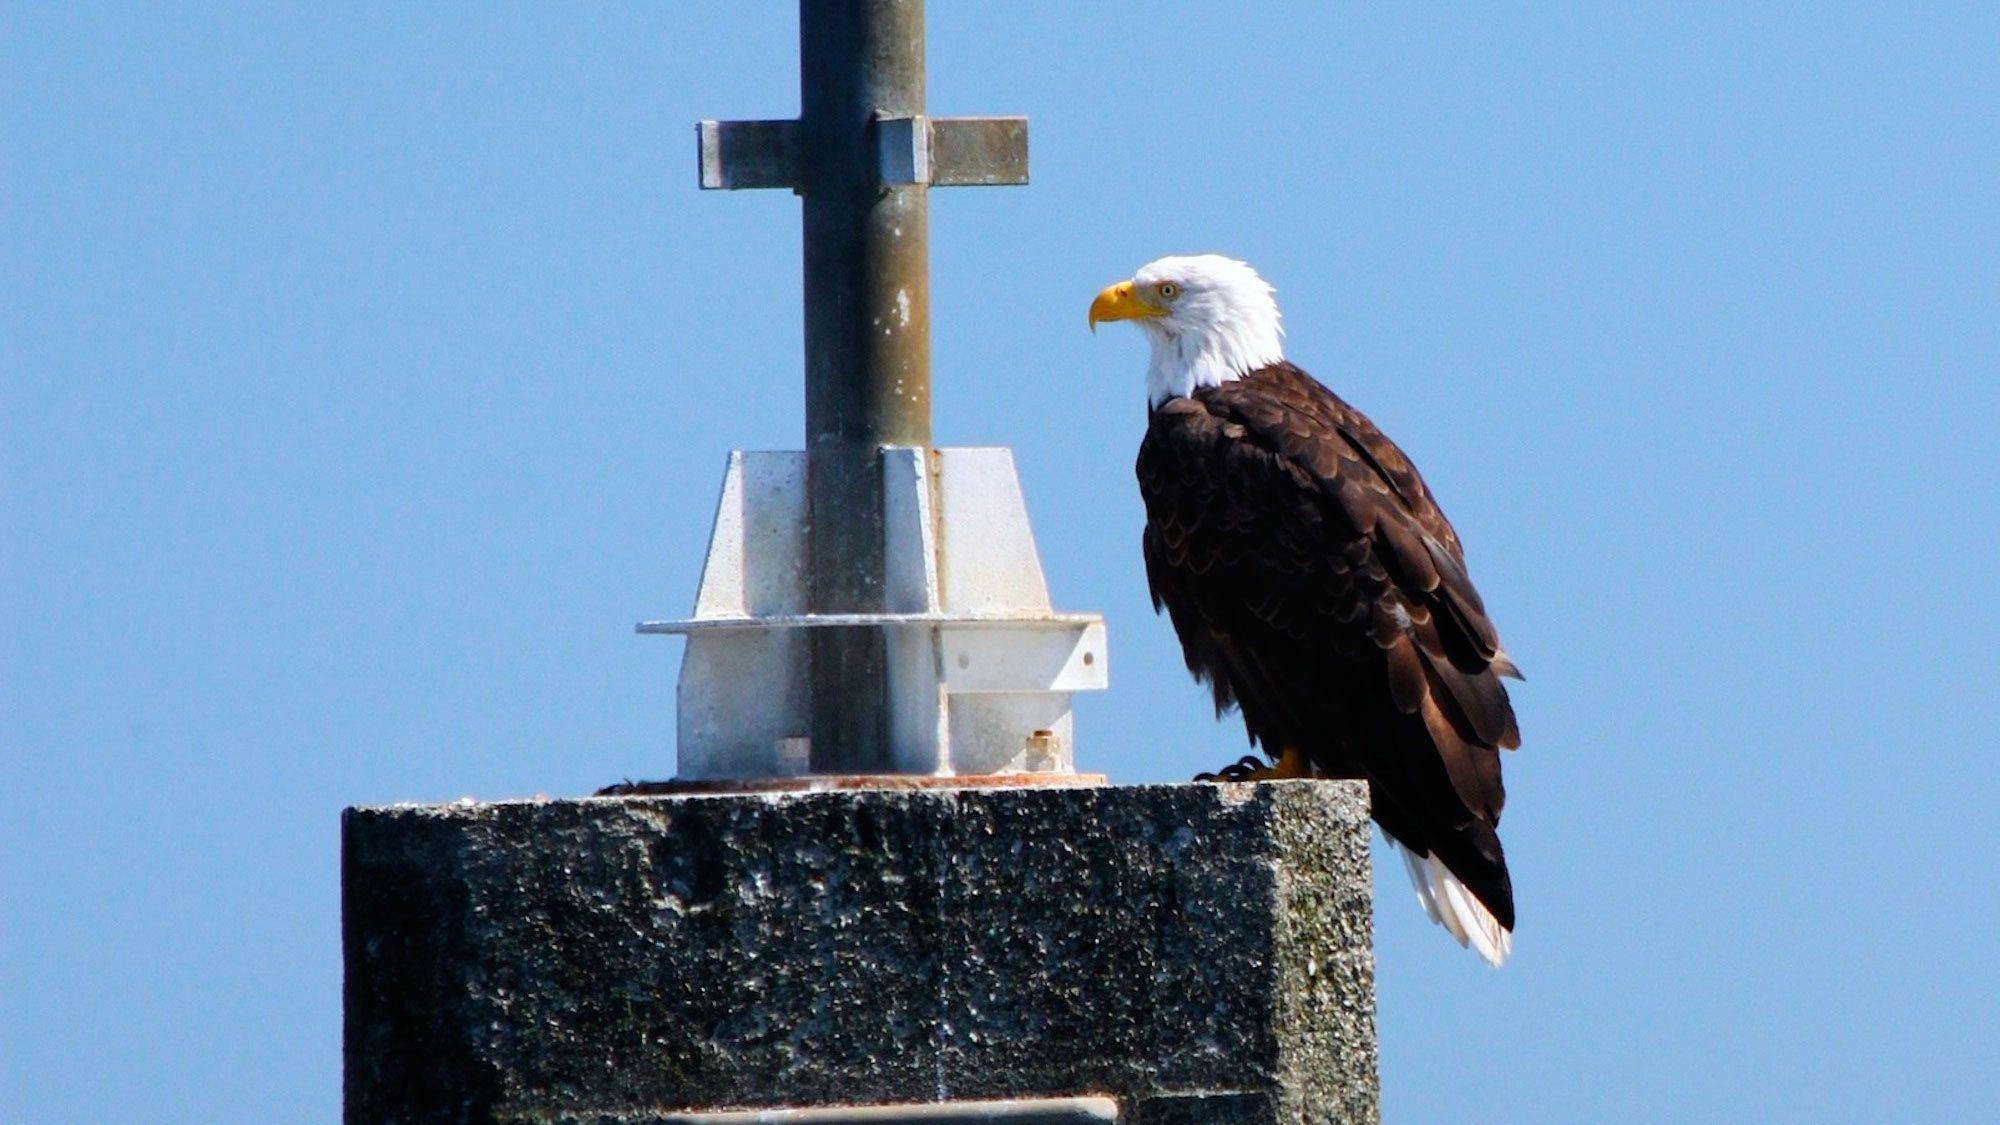 Bald eagle in Victoria